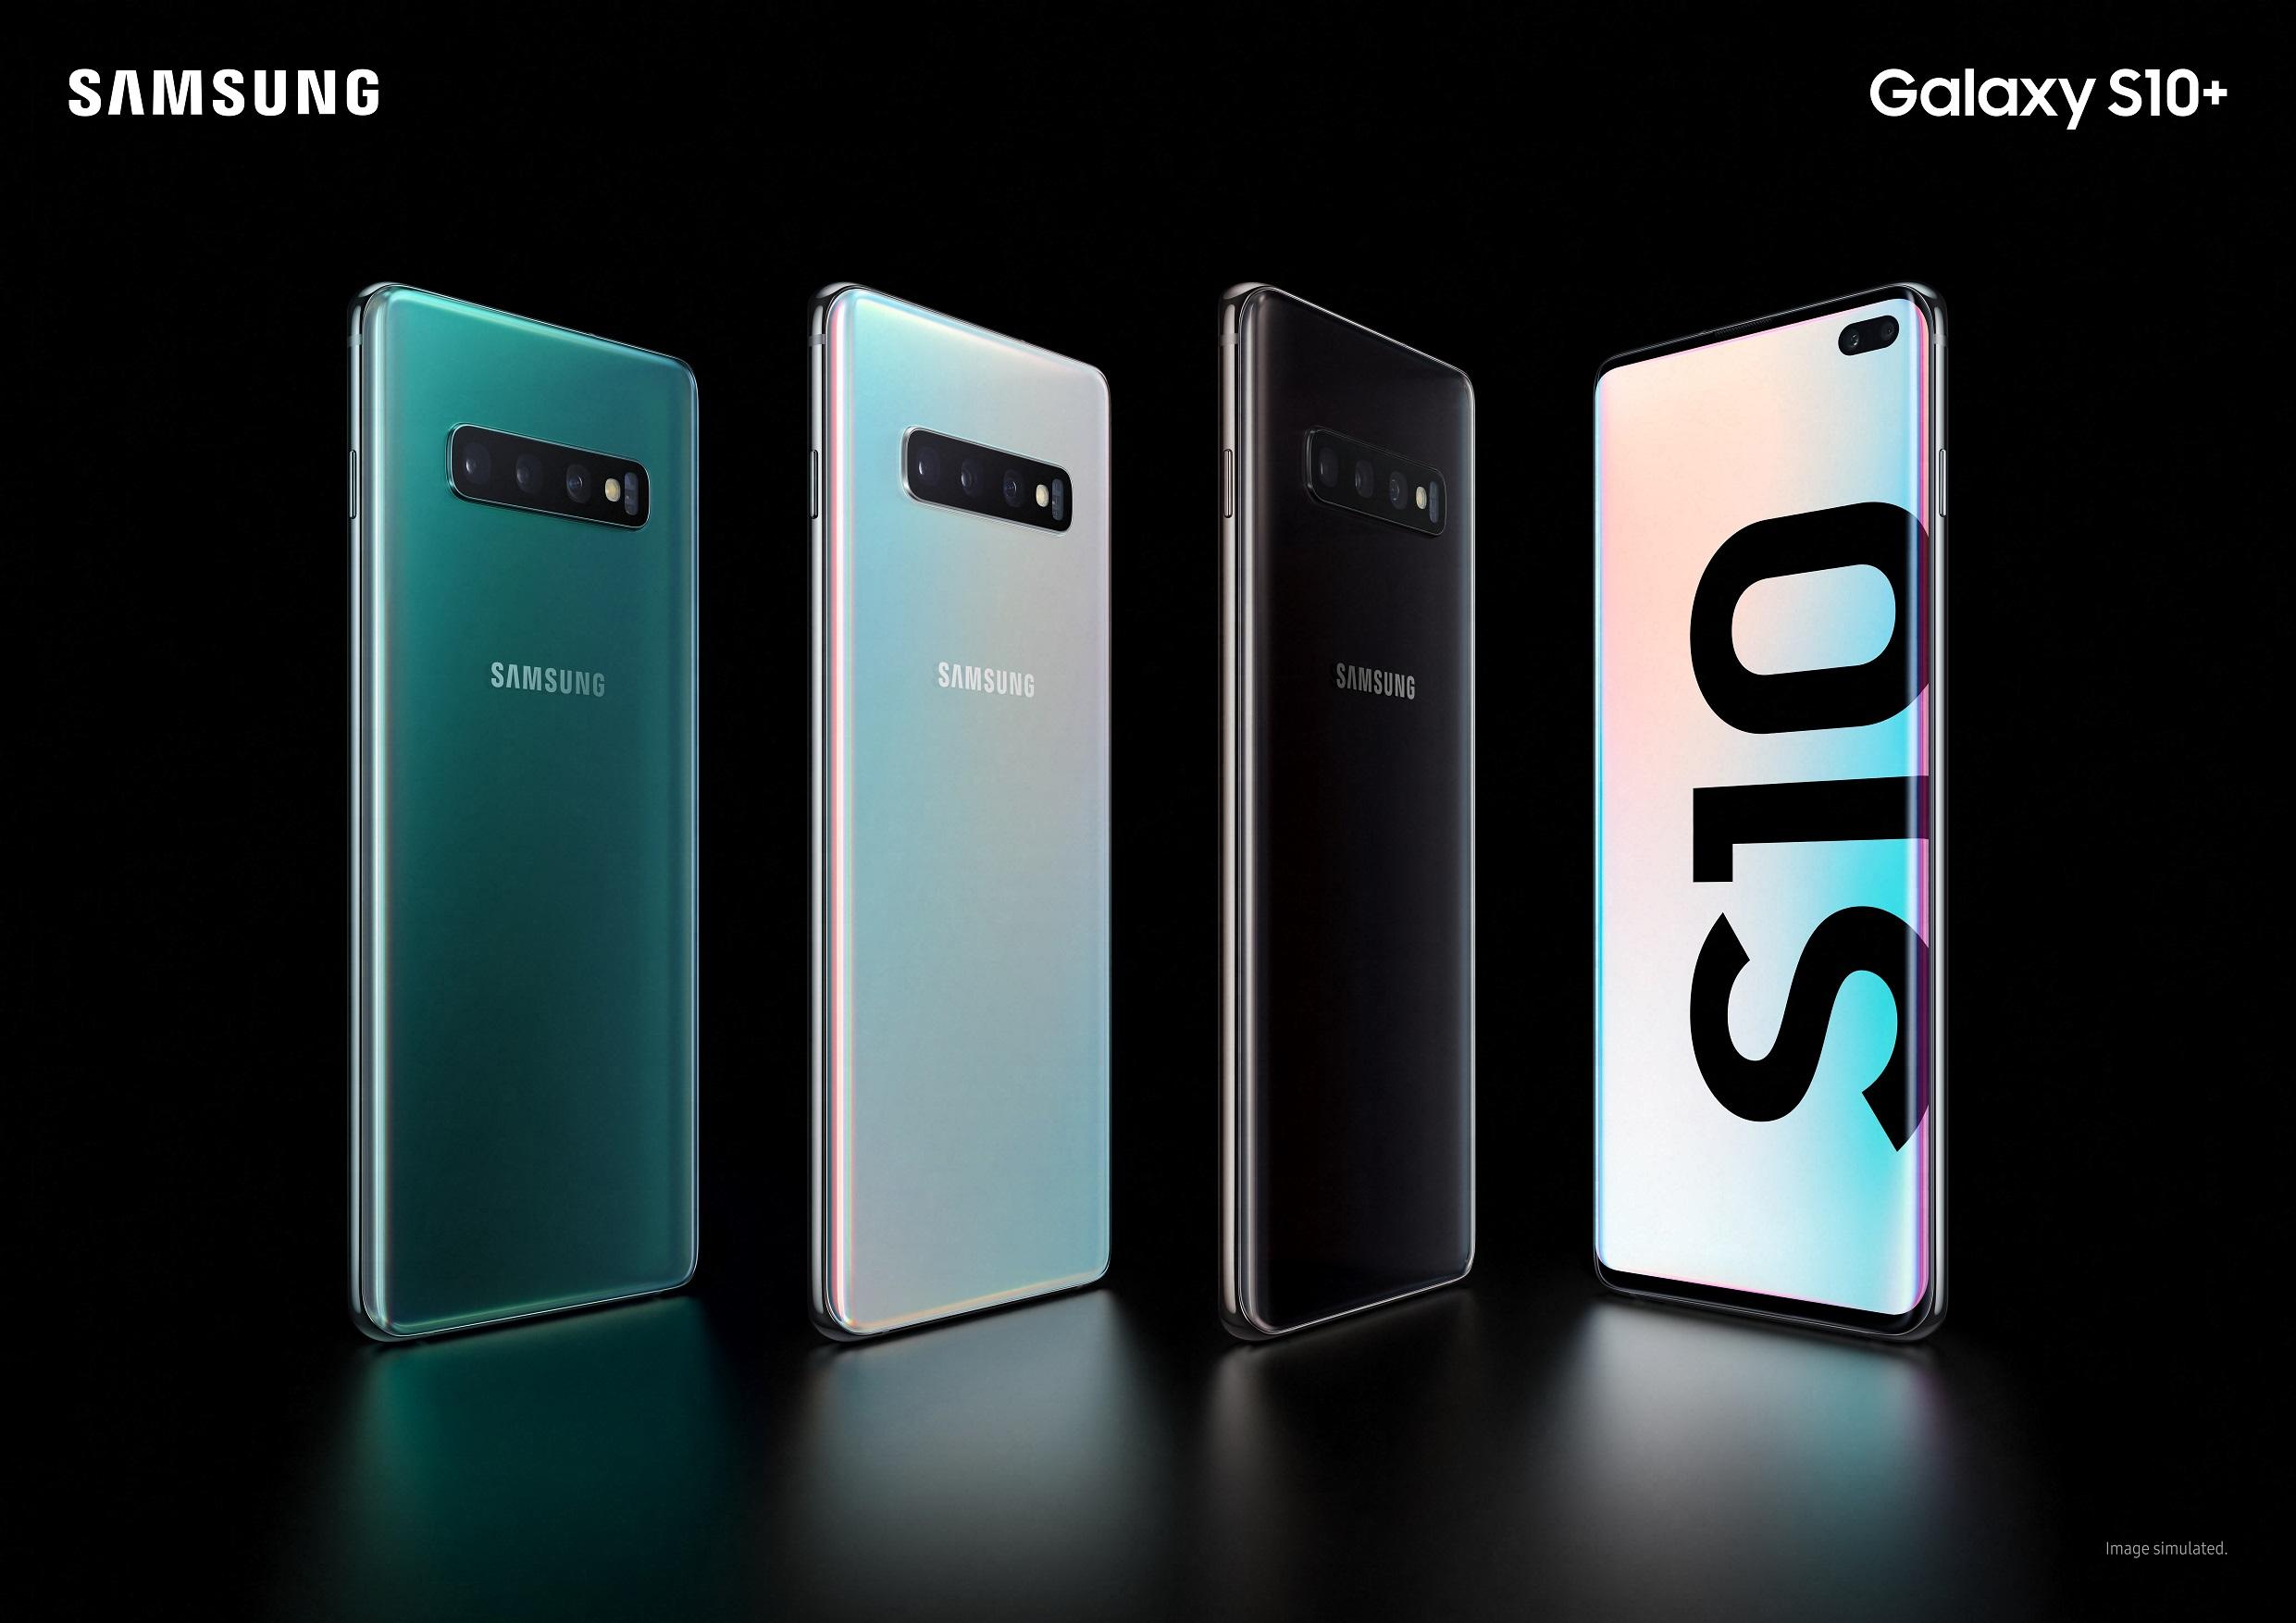 Samsung svela Galaxy S10, Galaxy S10+, Galaxy S10e e molto altro...